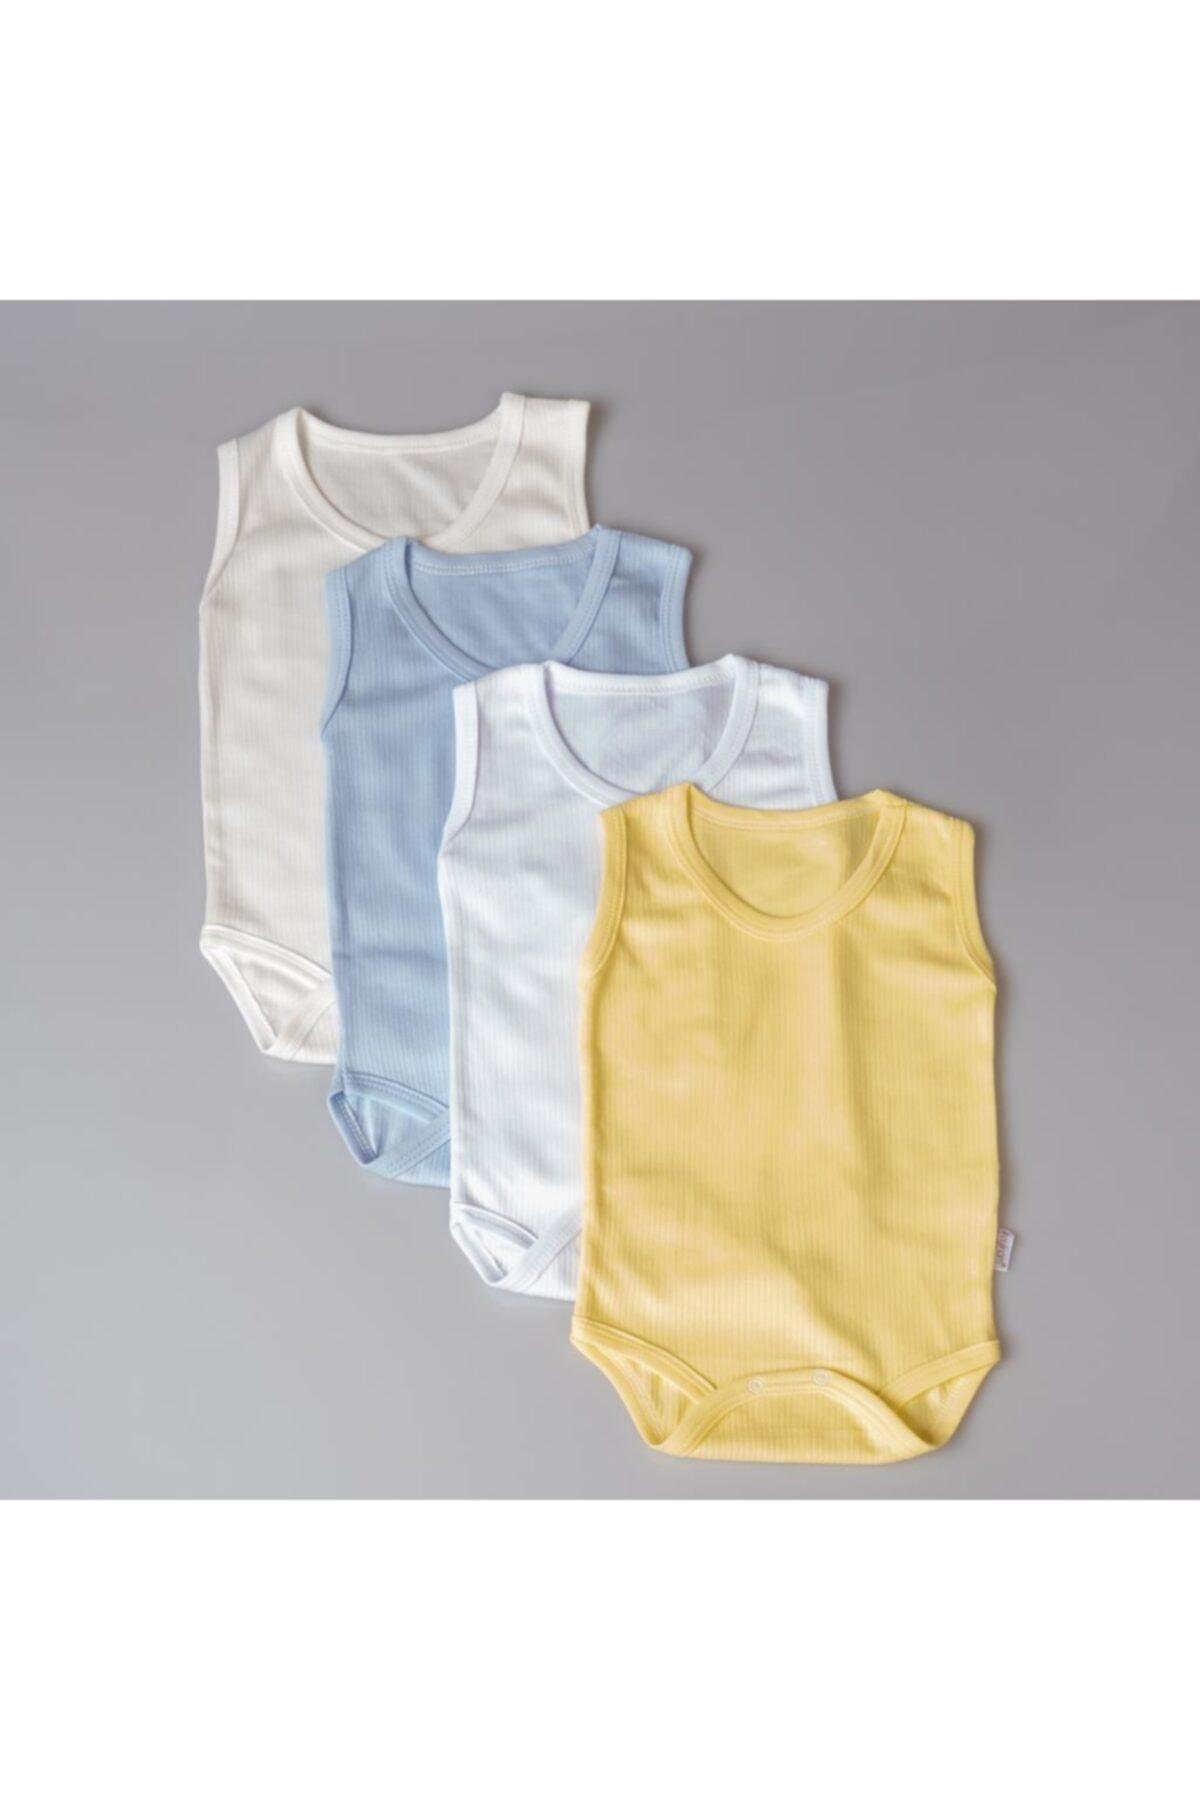 %100 Pamuklu Erkek Bebek Askılı Body Zıbın Takım Çıtçıtlı Fitil Desen 4'lü